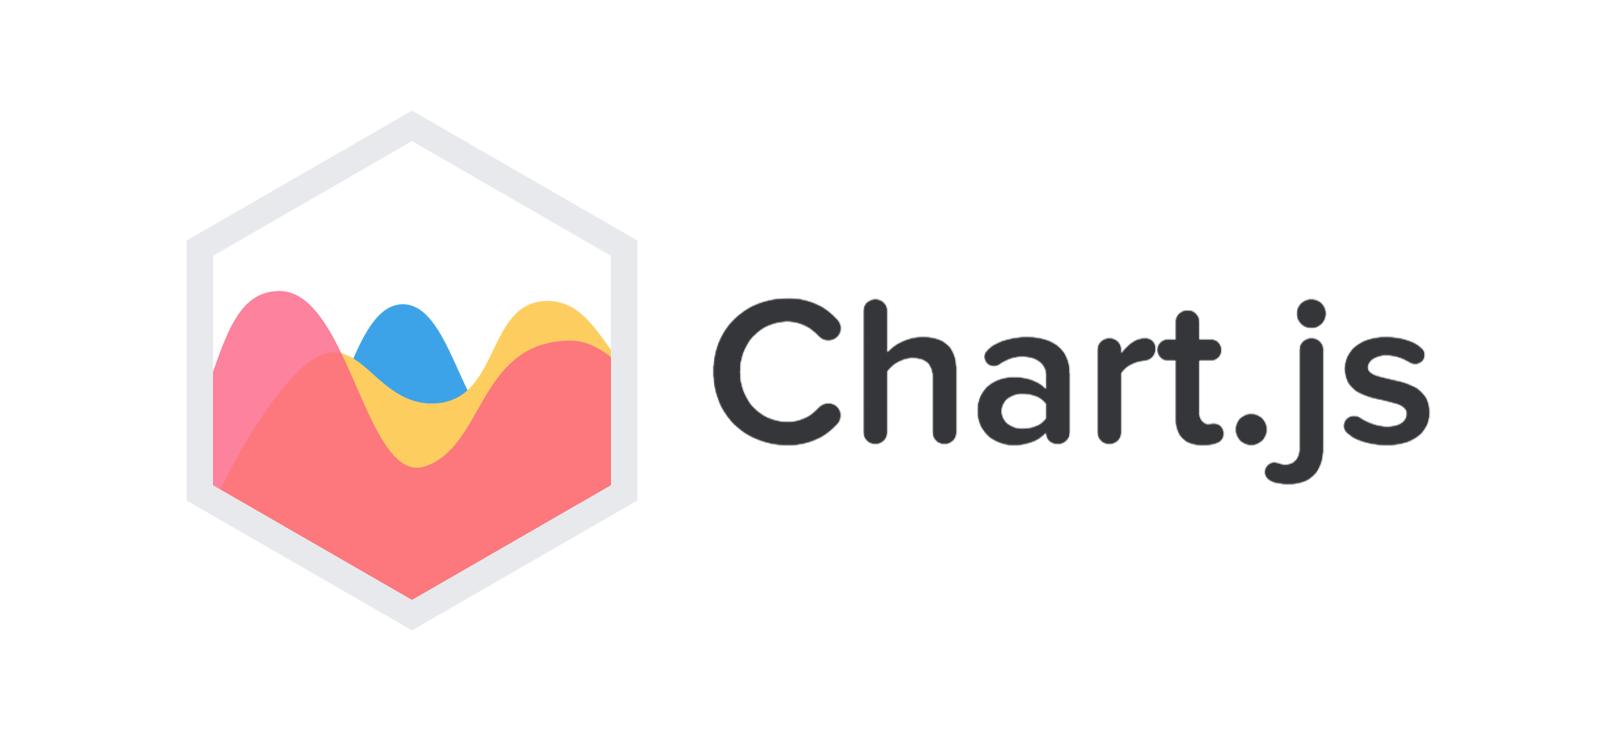 การจัดตำแหน่งส่วนหัวข้อให้กราฟ Chart.js